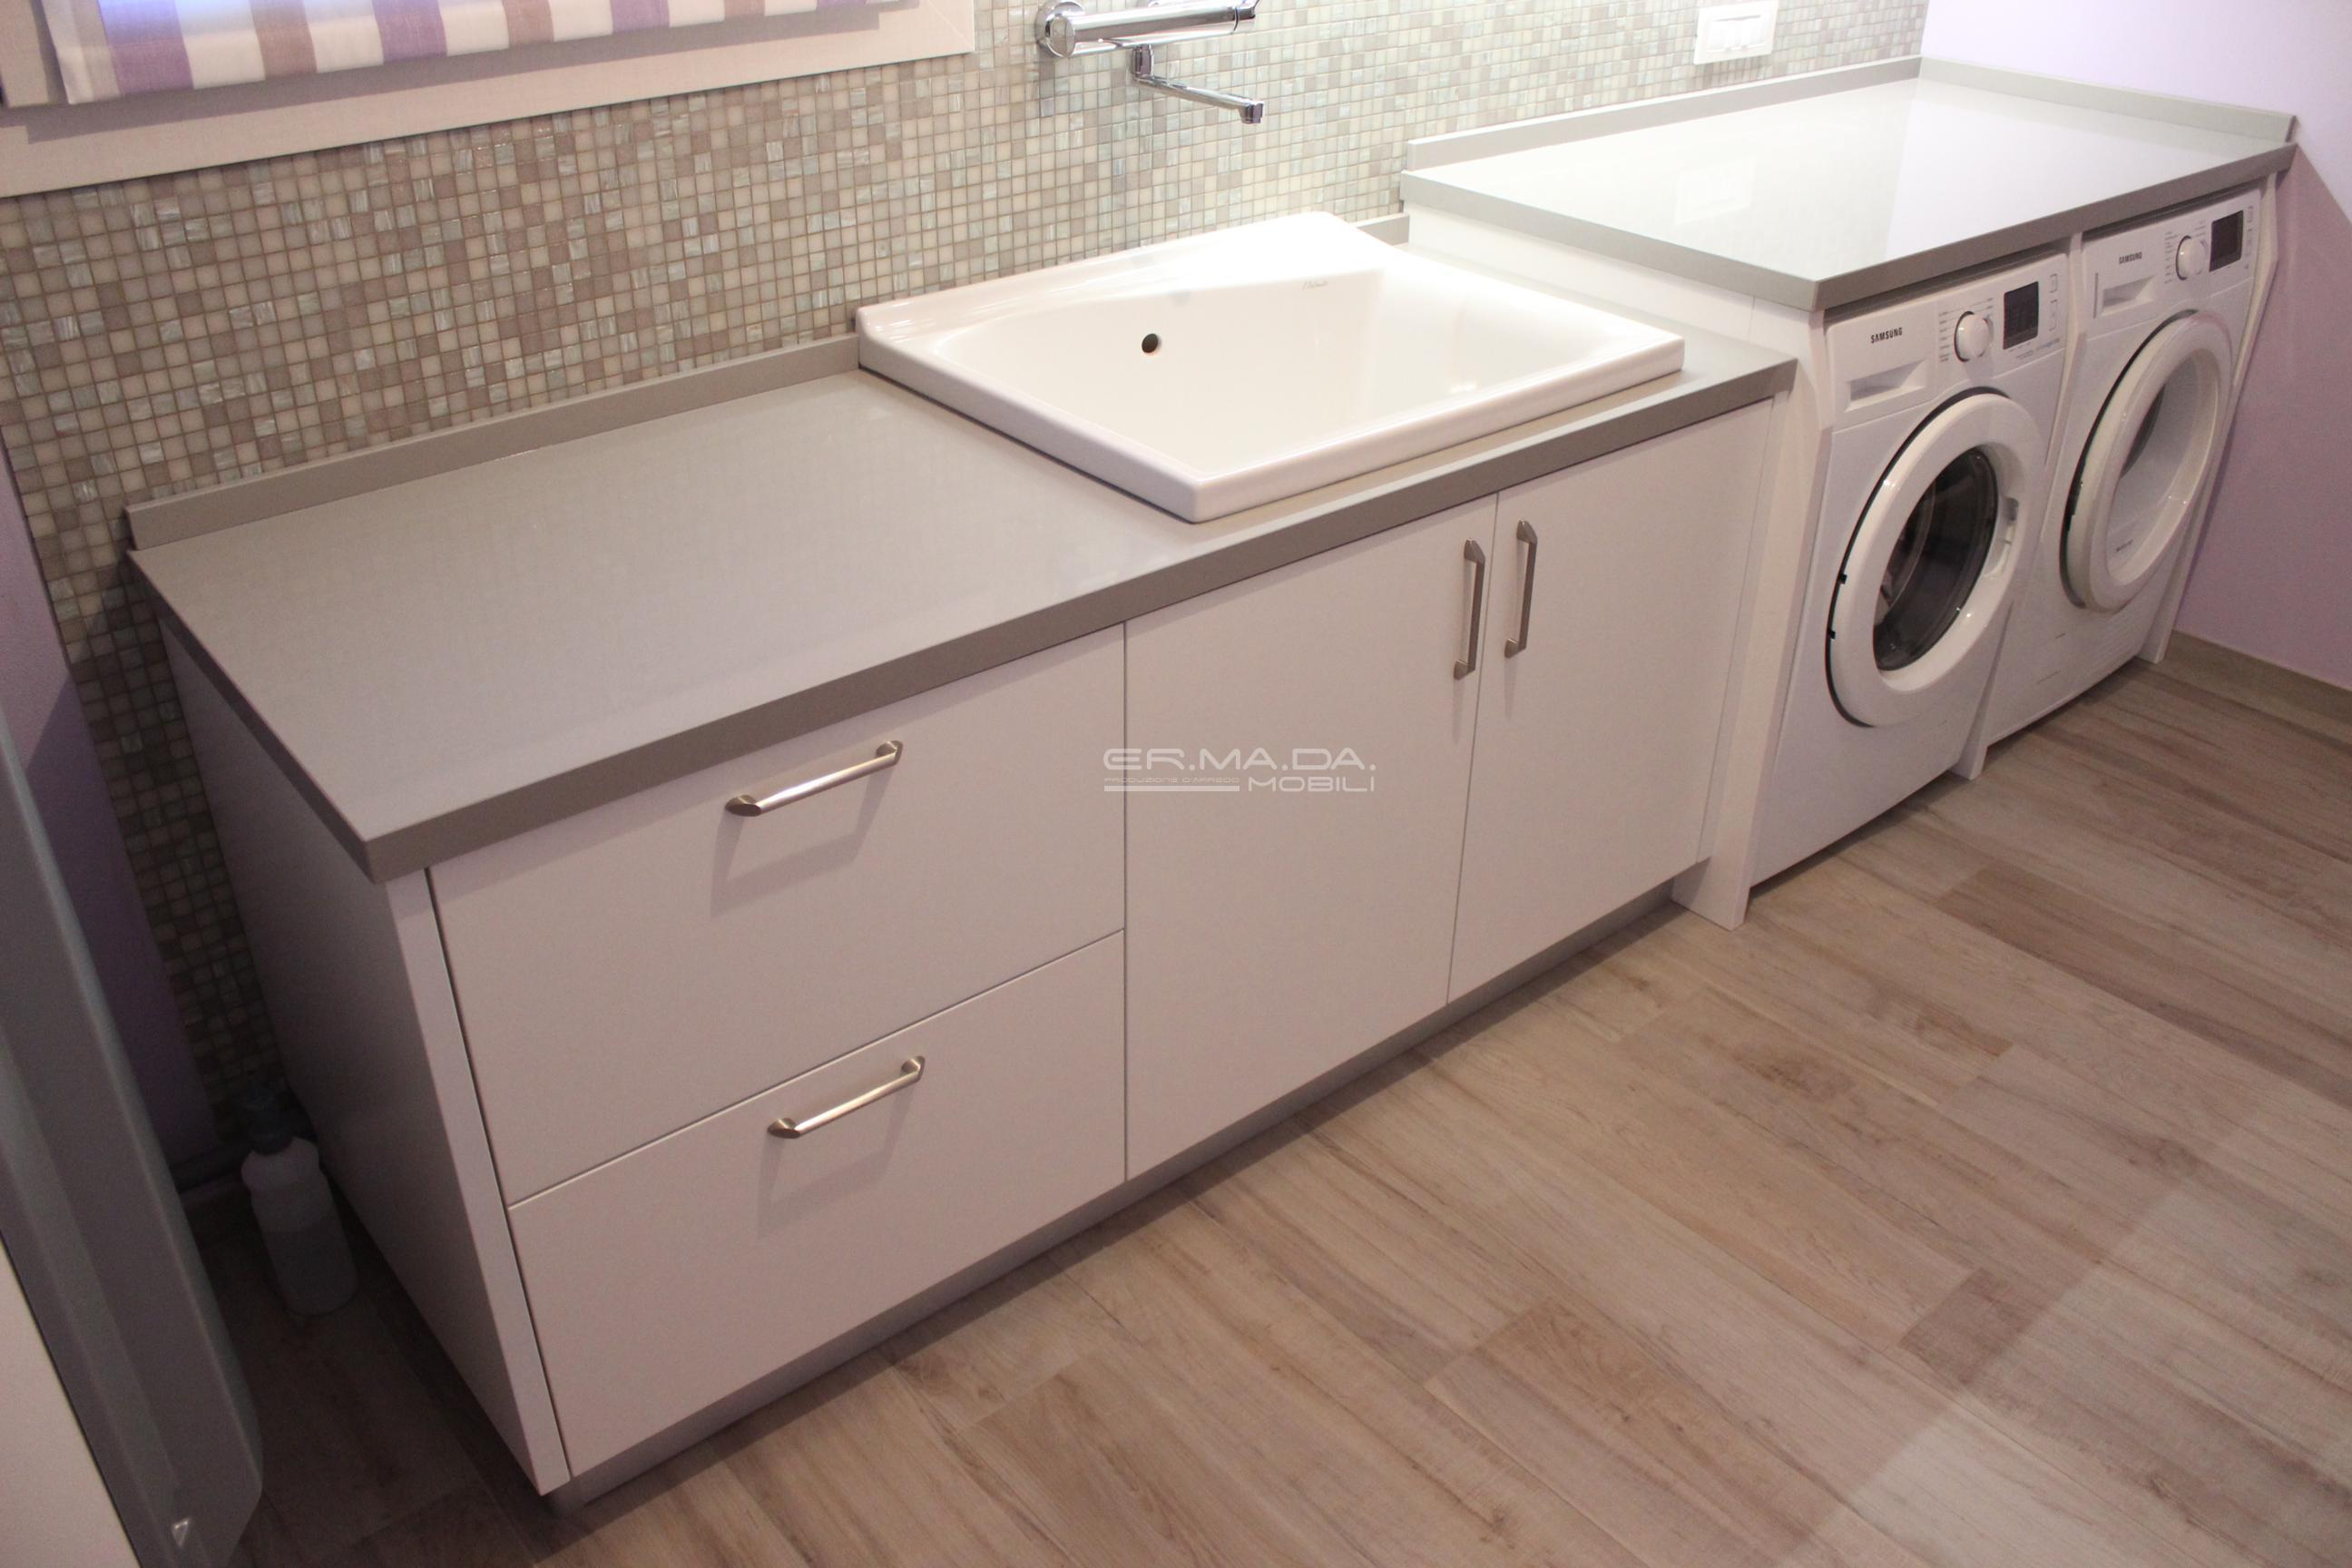 Mobili da lavanderia a bologna consigli ed informazioni utili